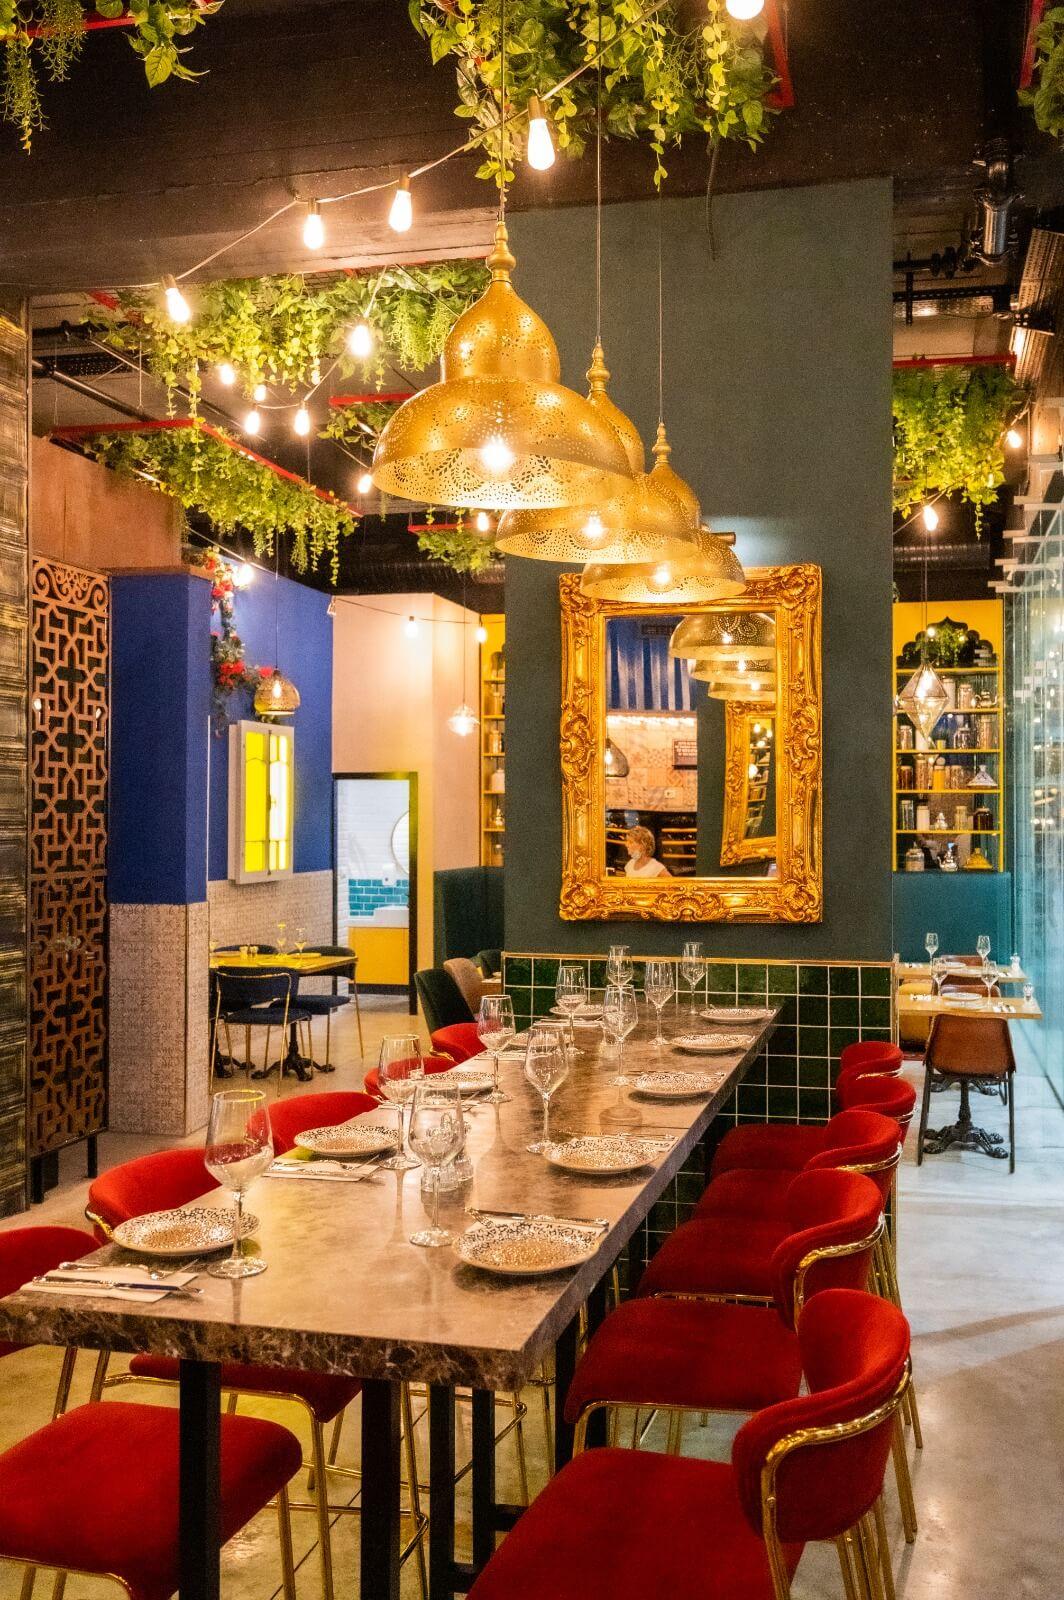 מסעדת רשל מרינה אשקלון